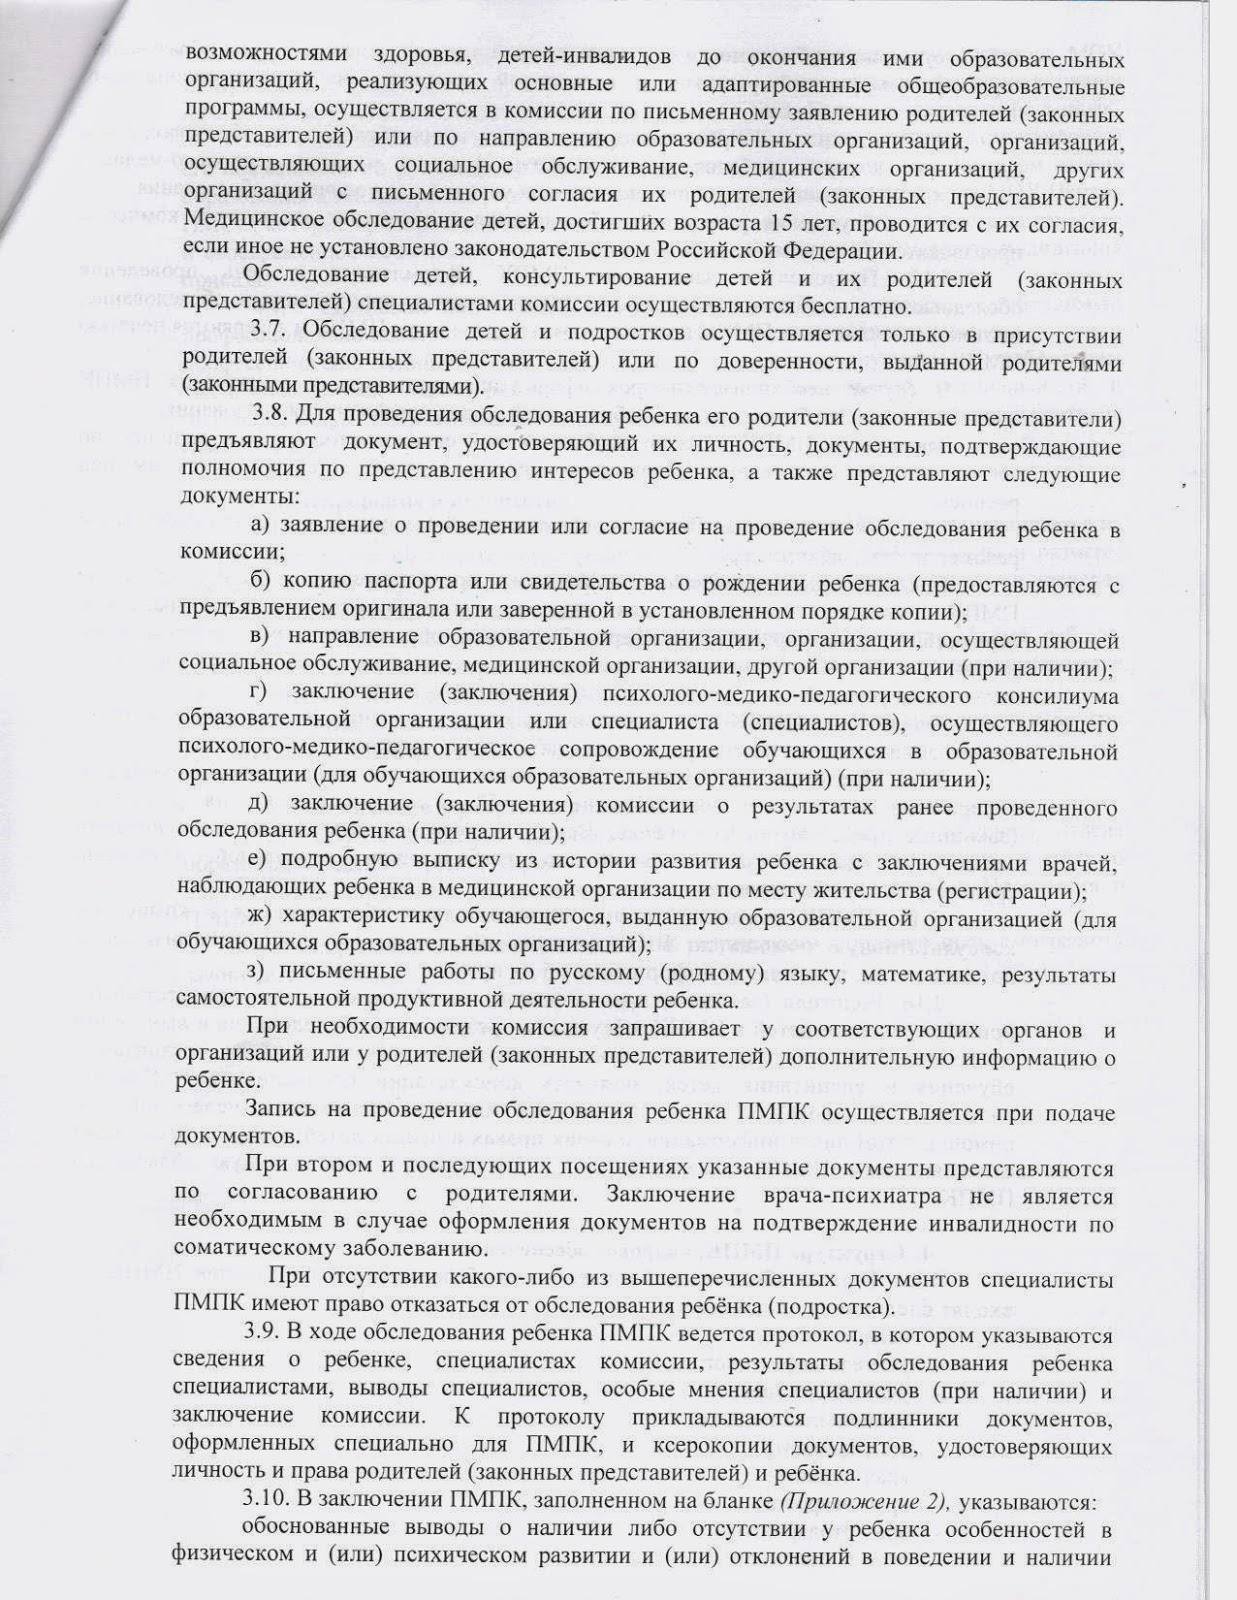 Психолого-медико-педагогический консилиум (пмпк).